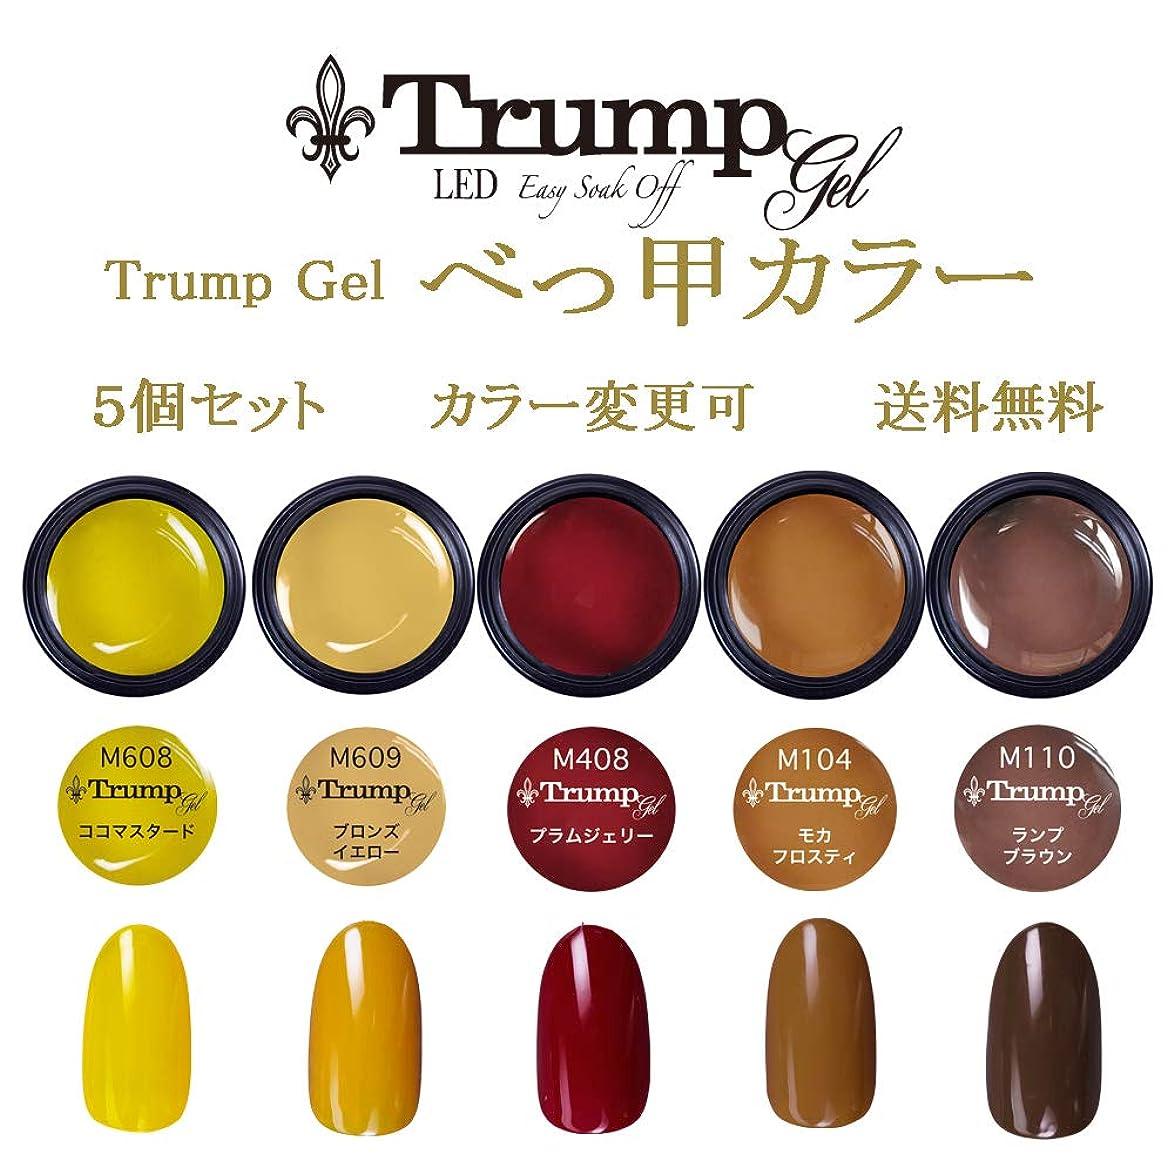 ピアニスト見せますスラダム日本製 Trump gel トランプジェル べっ甲 ネイルカラー 選べる カラージェル 5個セット イエロー ブラウン ワイン べっこう